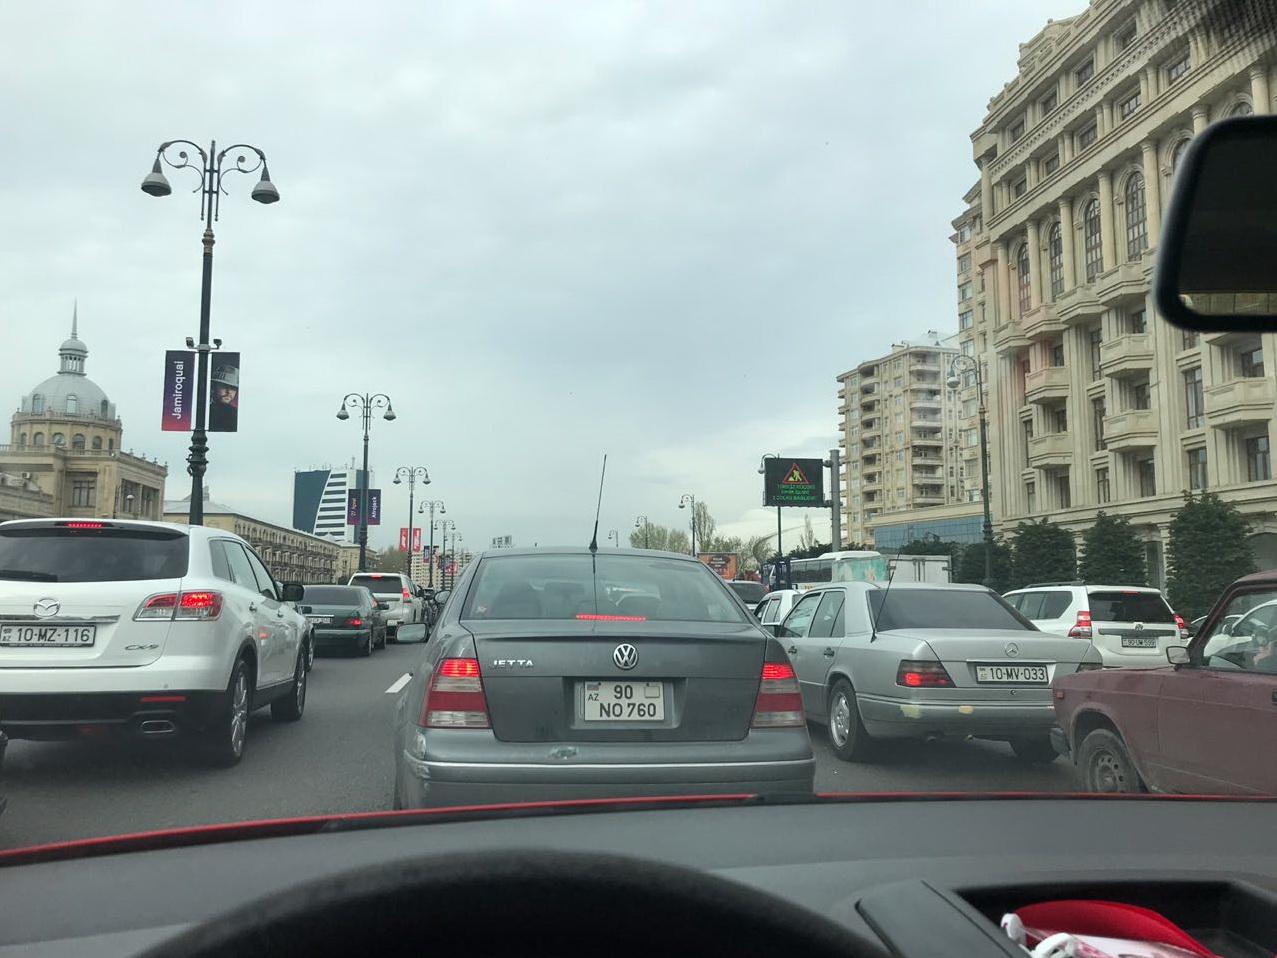 Вдобавок к пробкам в столице парализовано движение и на трассе Баку-Аэропорт – ФОТО – ВИДЕО – ОБНОВЛЕНО